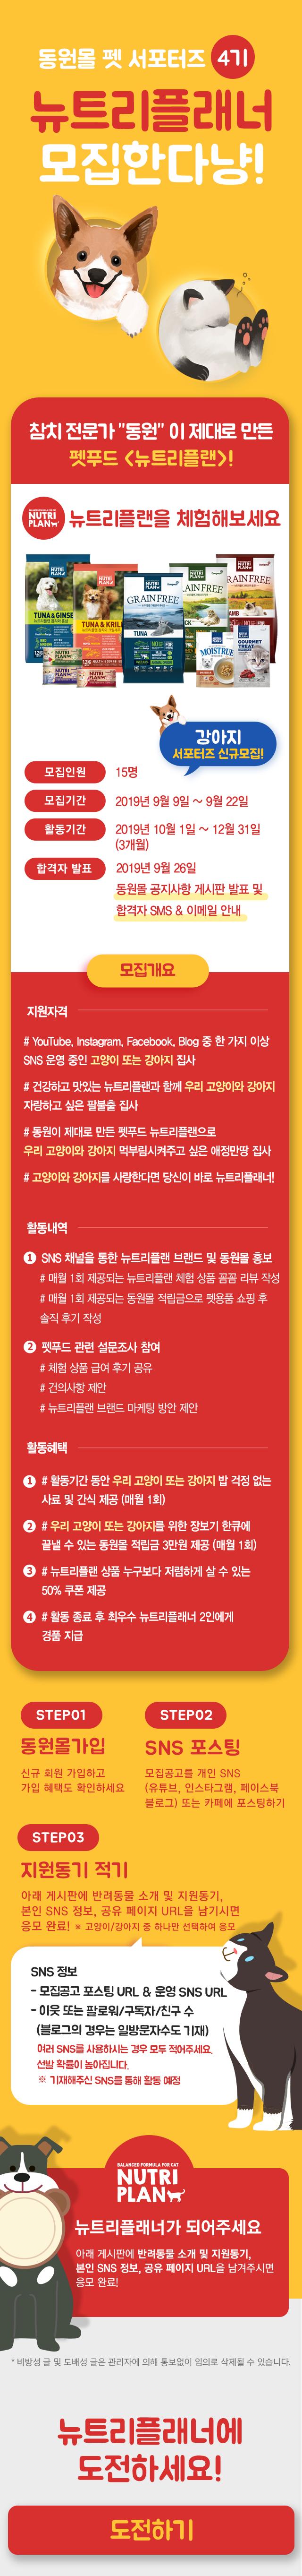 동원몰 펫 서포터즈 4기 뉴트리플래너 모집한다냥!